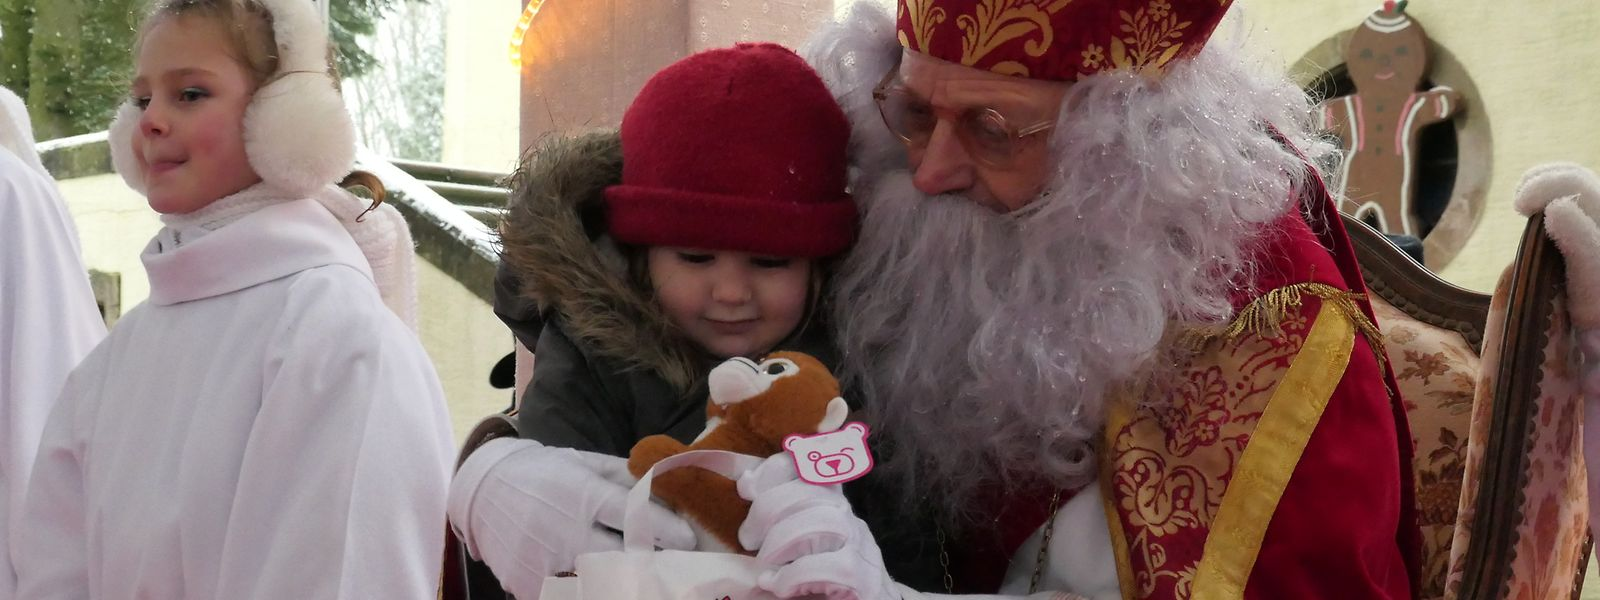 Dem Kleeschen flogen am Sonntag wieder einmal in Wiltz die Herzen der Kinder zu.